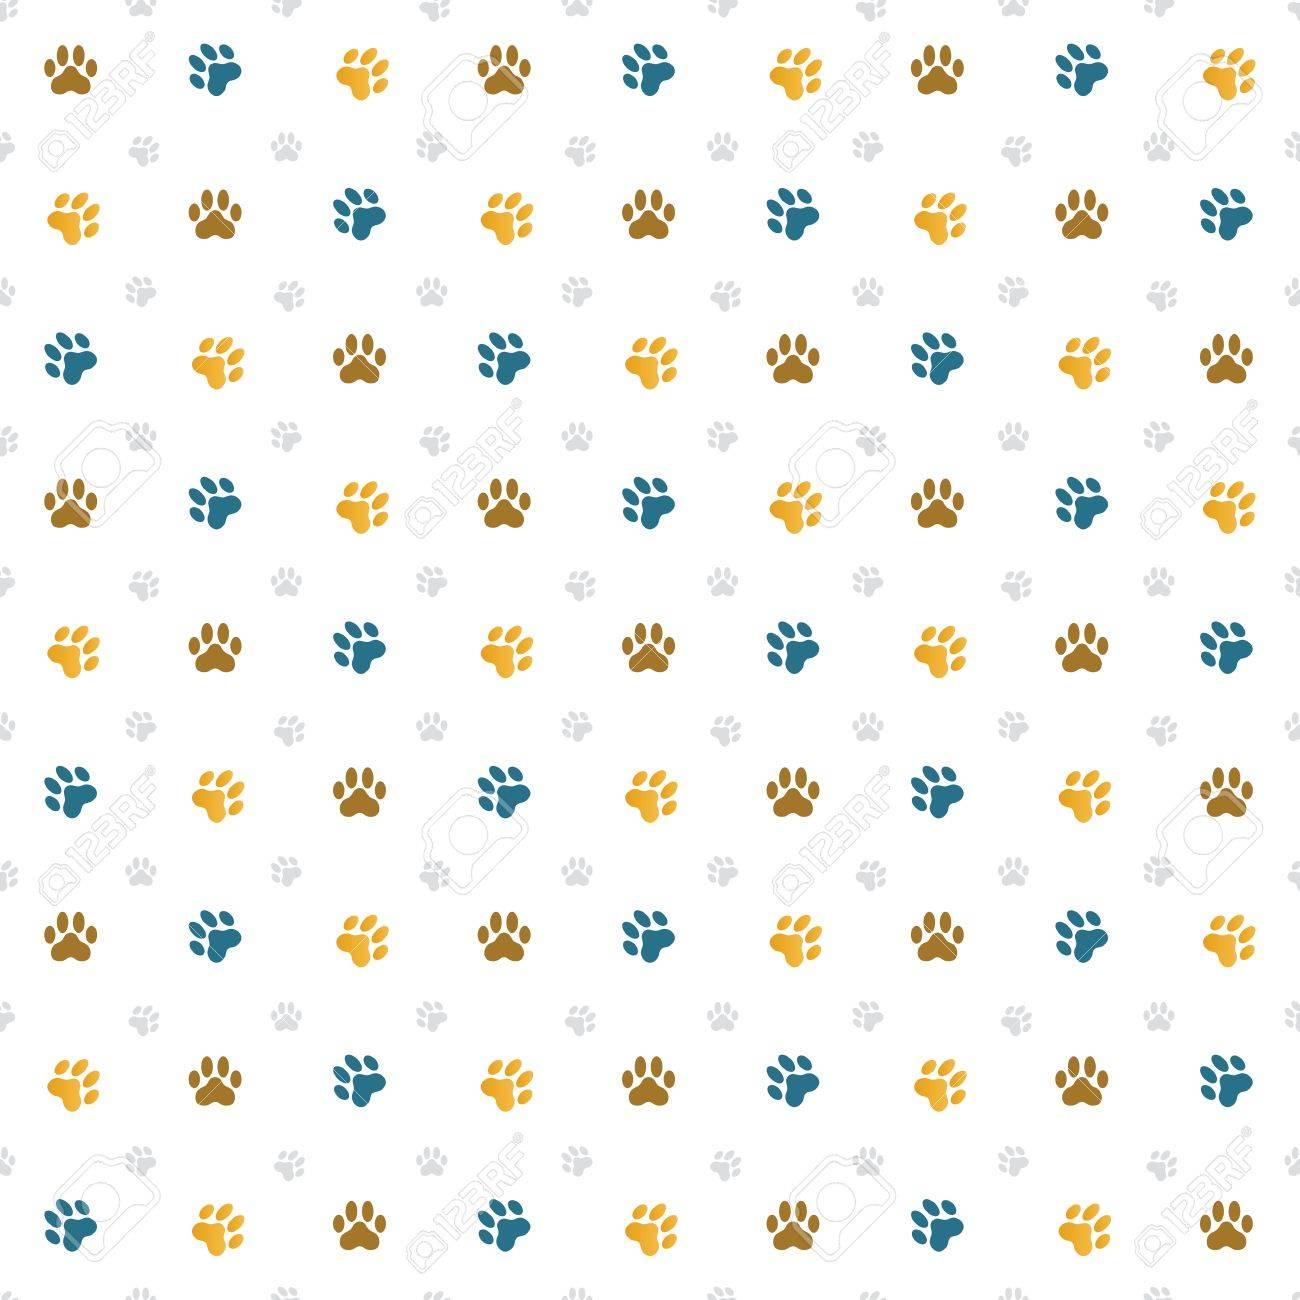 猫の足跡のシームレスな壁紙イラストのイラスト素材 ベクタ Image